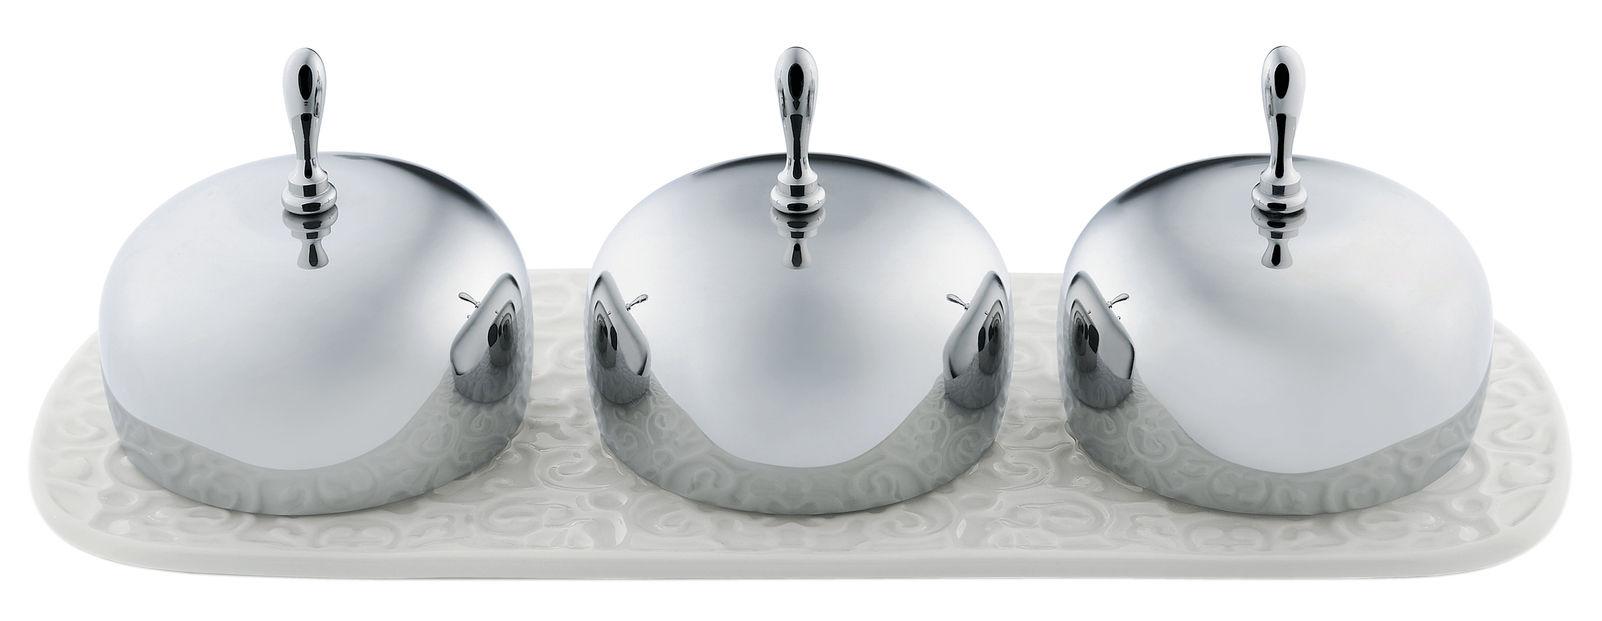 Tischkultur - Praktische Accessoires - Dressed Marmeladenglas / 3 Fächer - Alessi - Weiß / Stahl - Porzellan, rostfreier Stahl